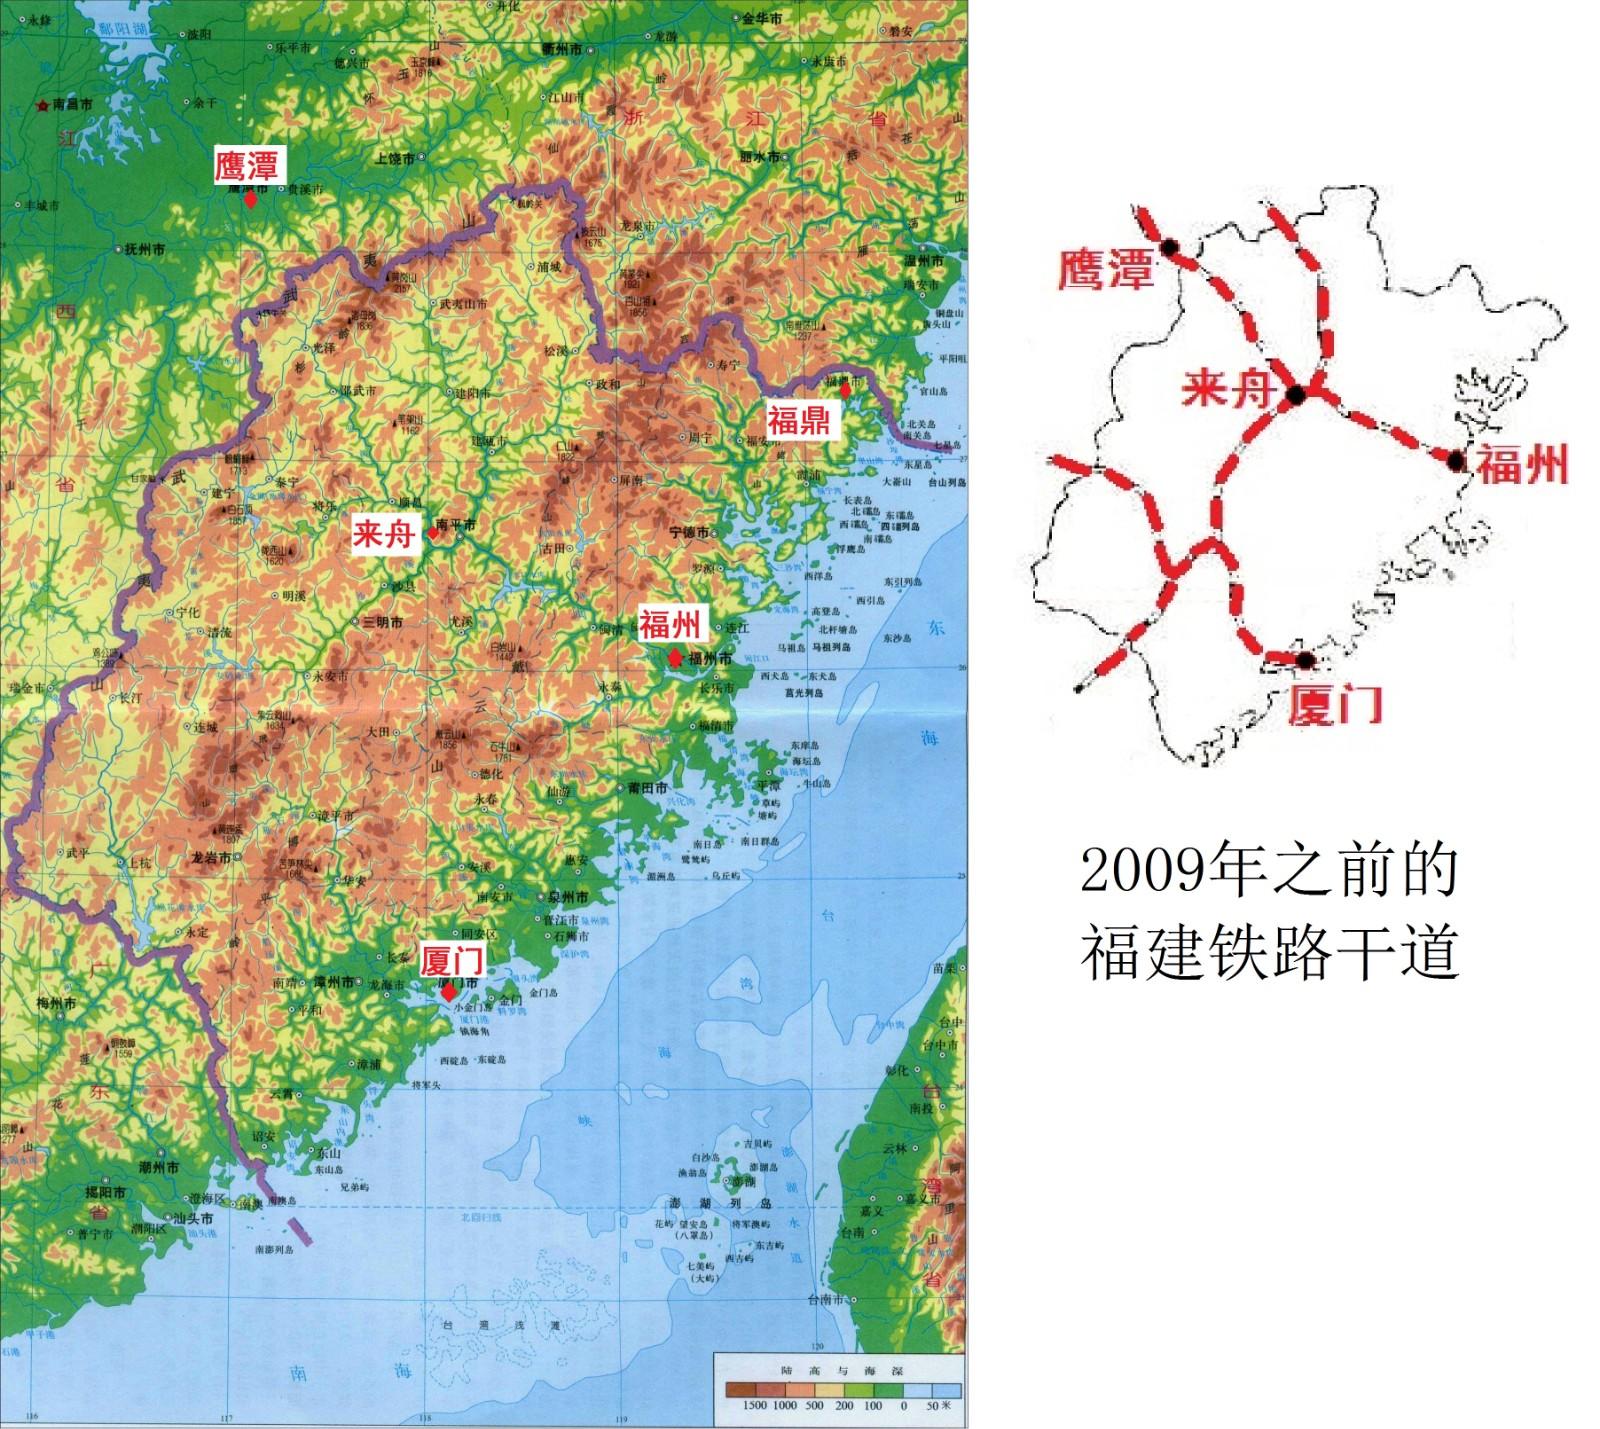 1-福建地形图.jpg